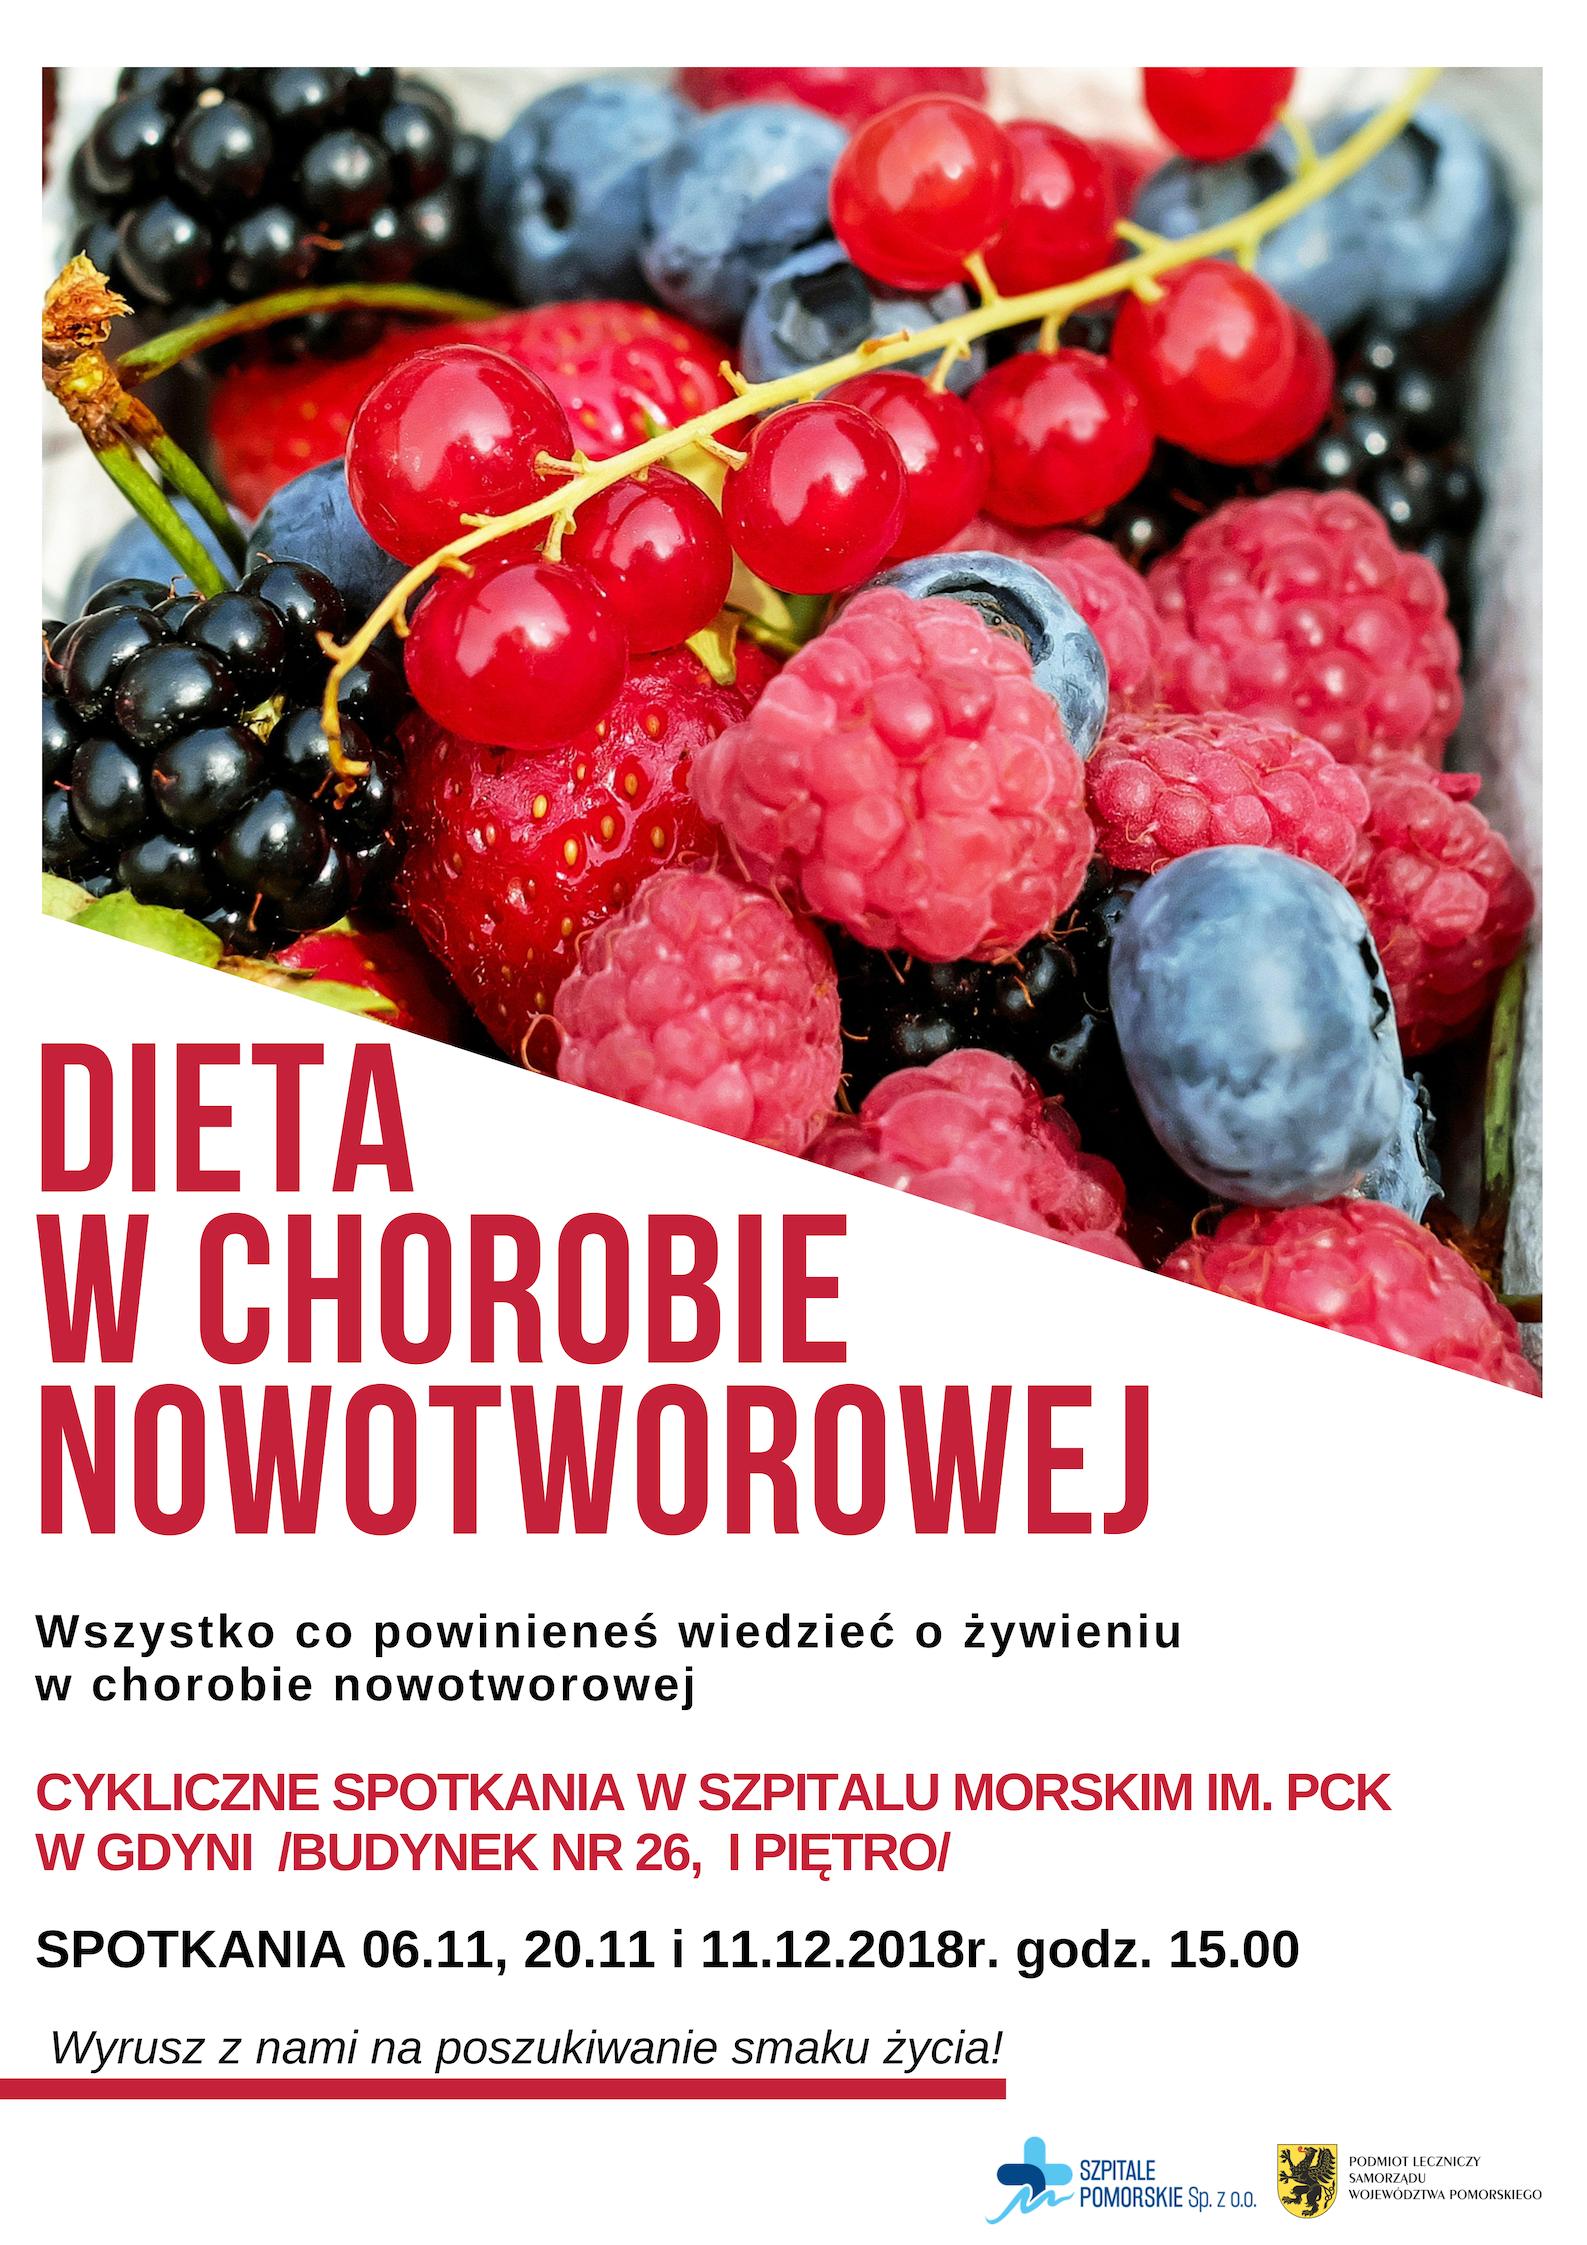 Dieta w chorobie nowotworowej_plakat